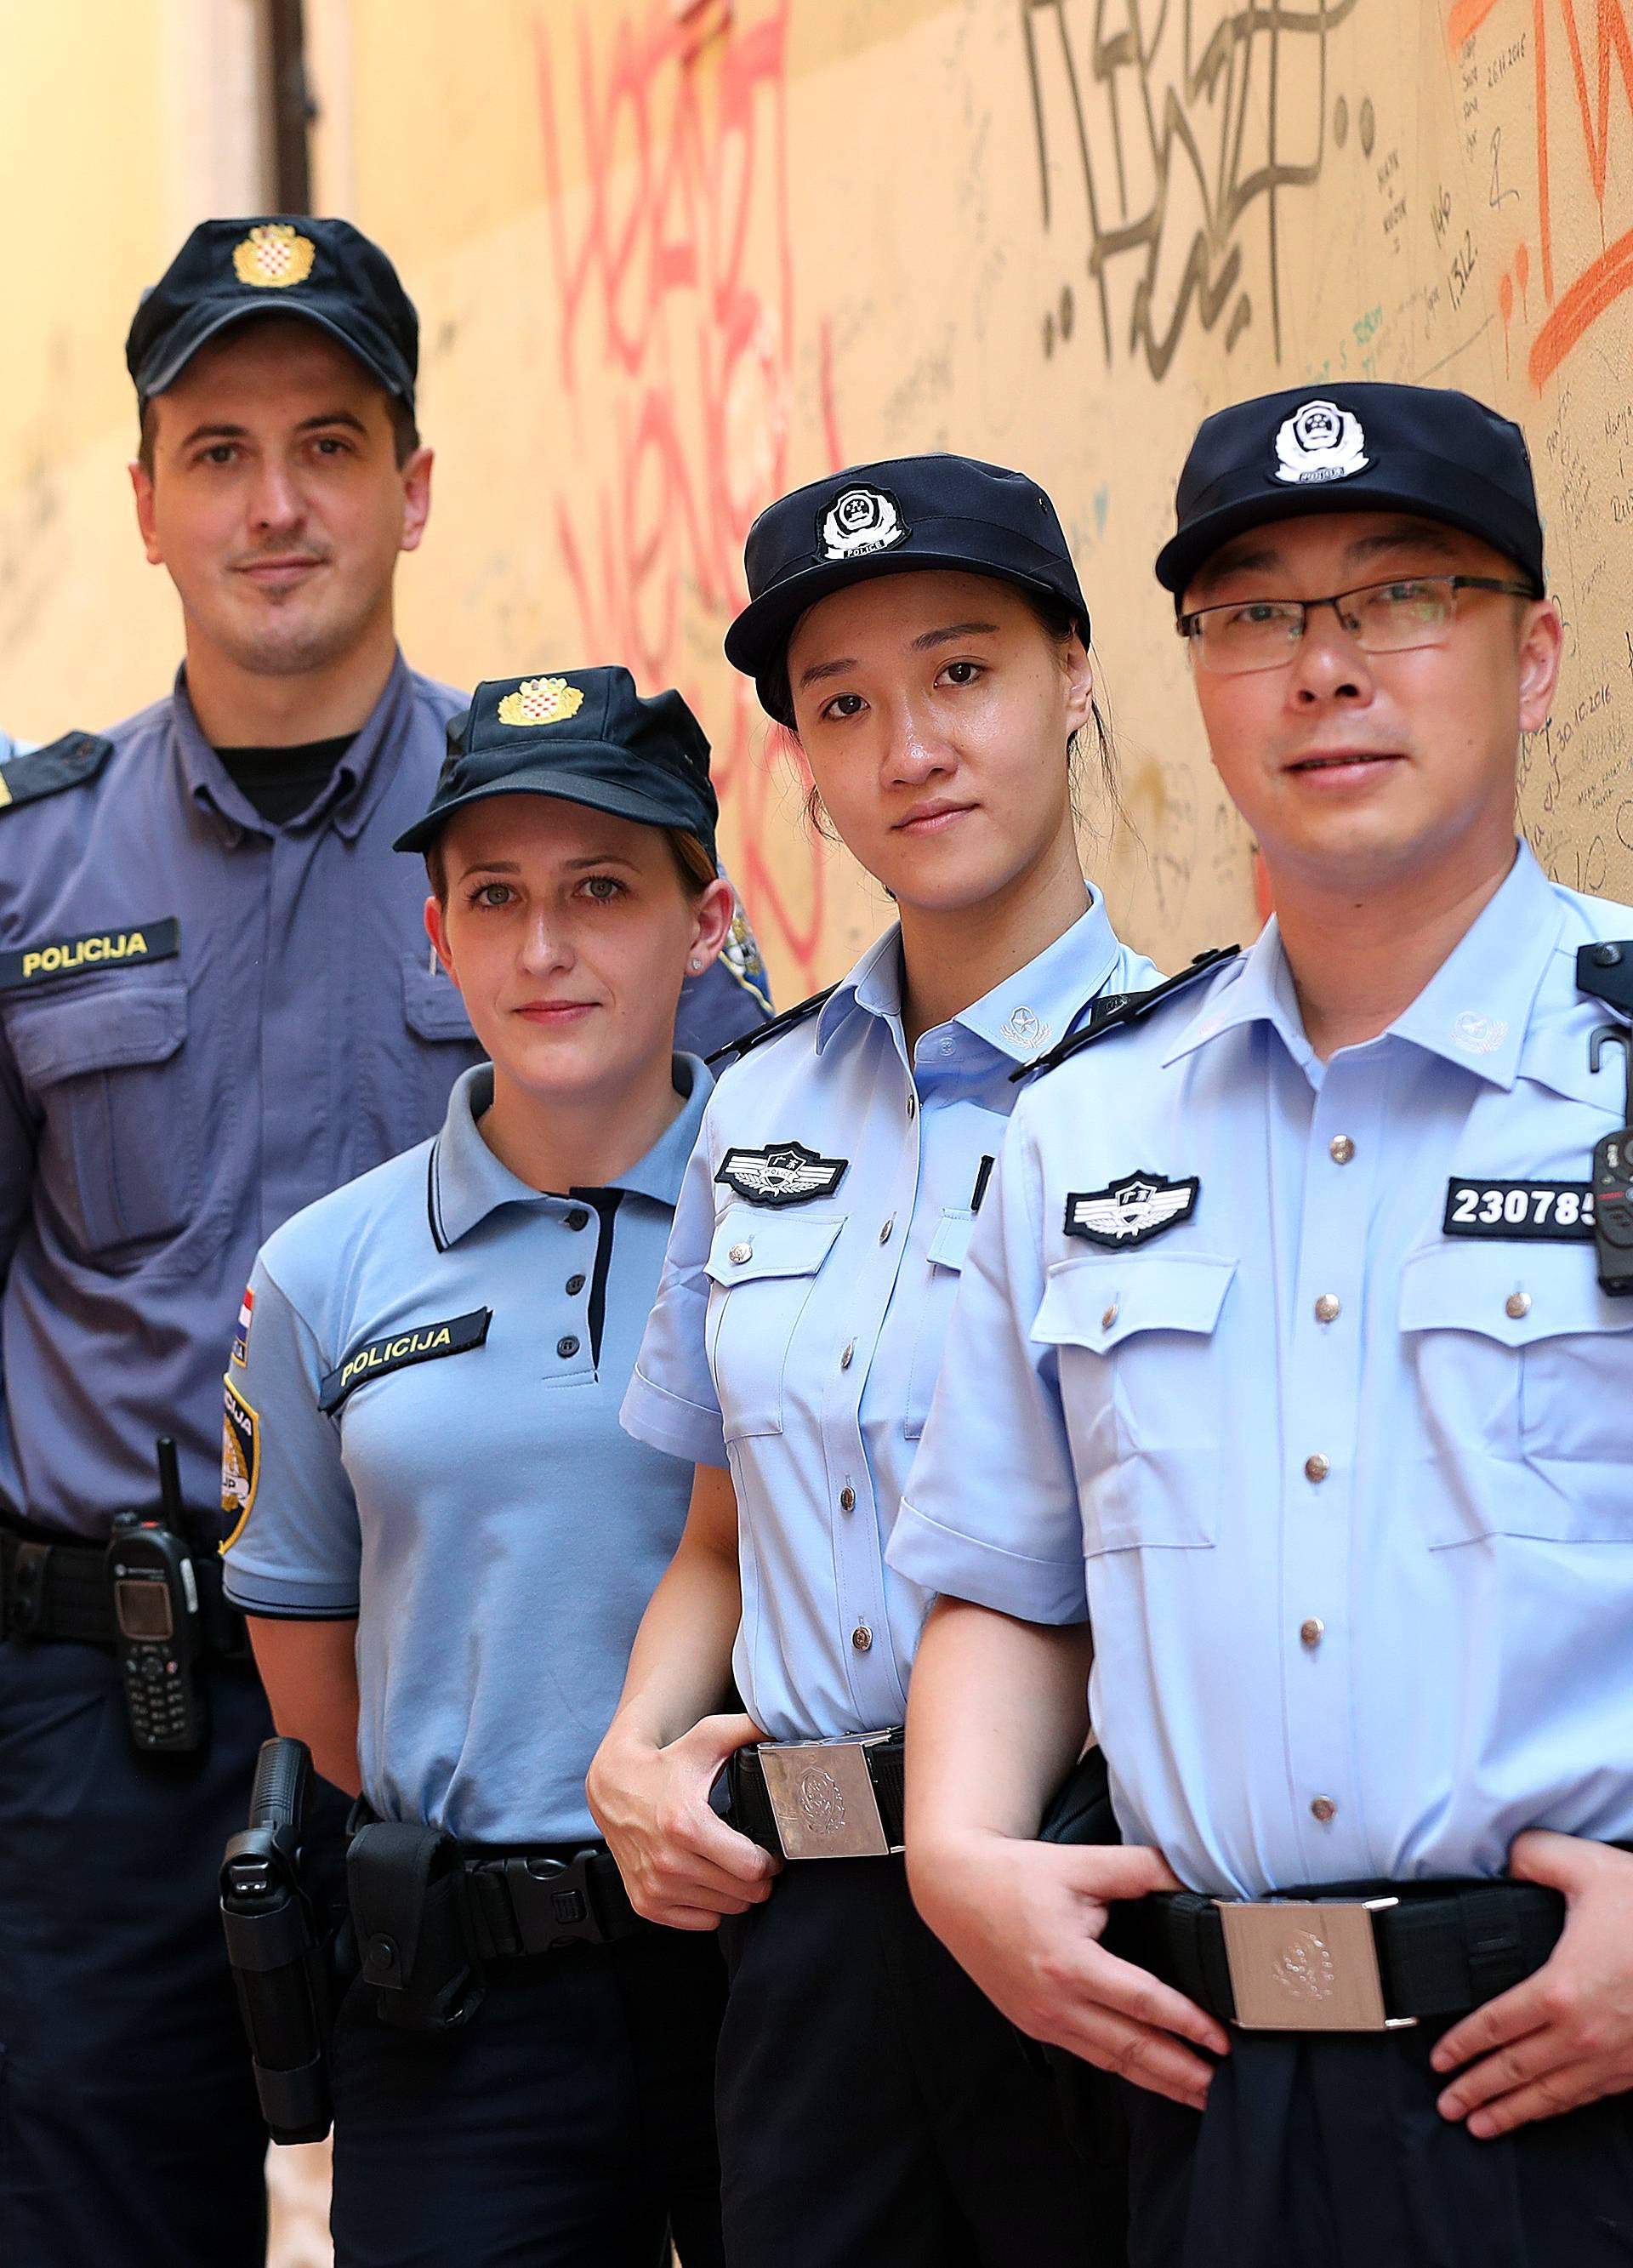 Kineski policajci u Zagrebu: 'Oprostite, može jedan selfie?'